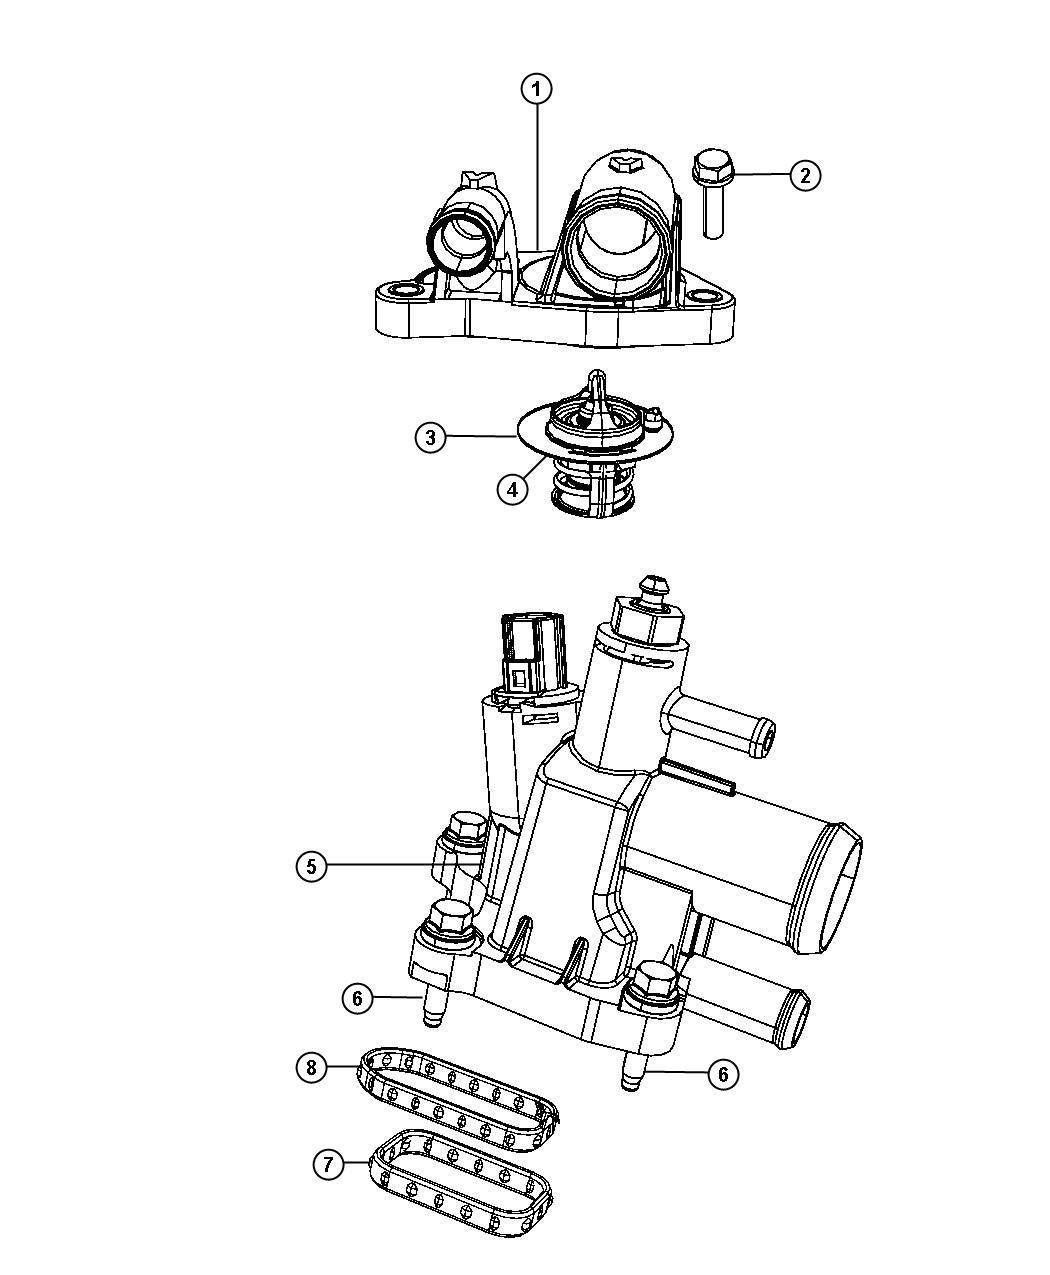 Wiring Diagram 2010 Dodge Avenger